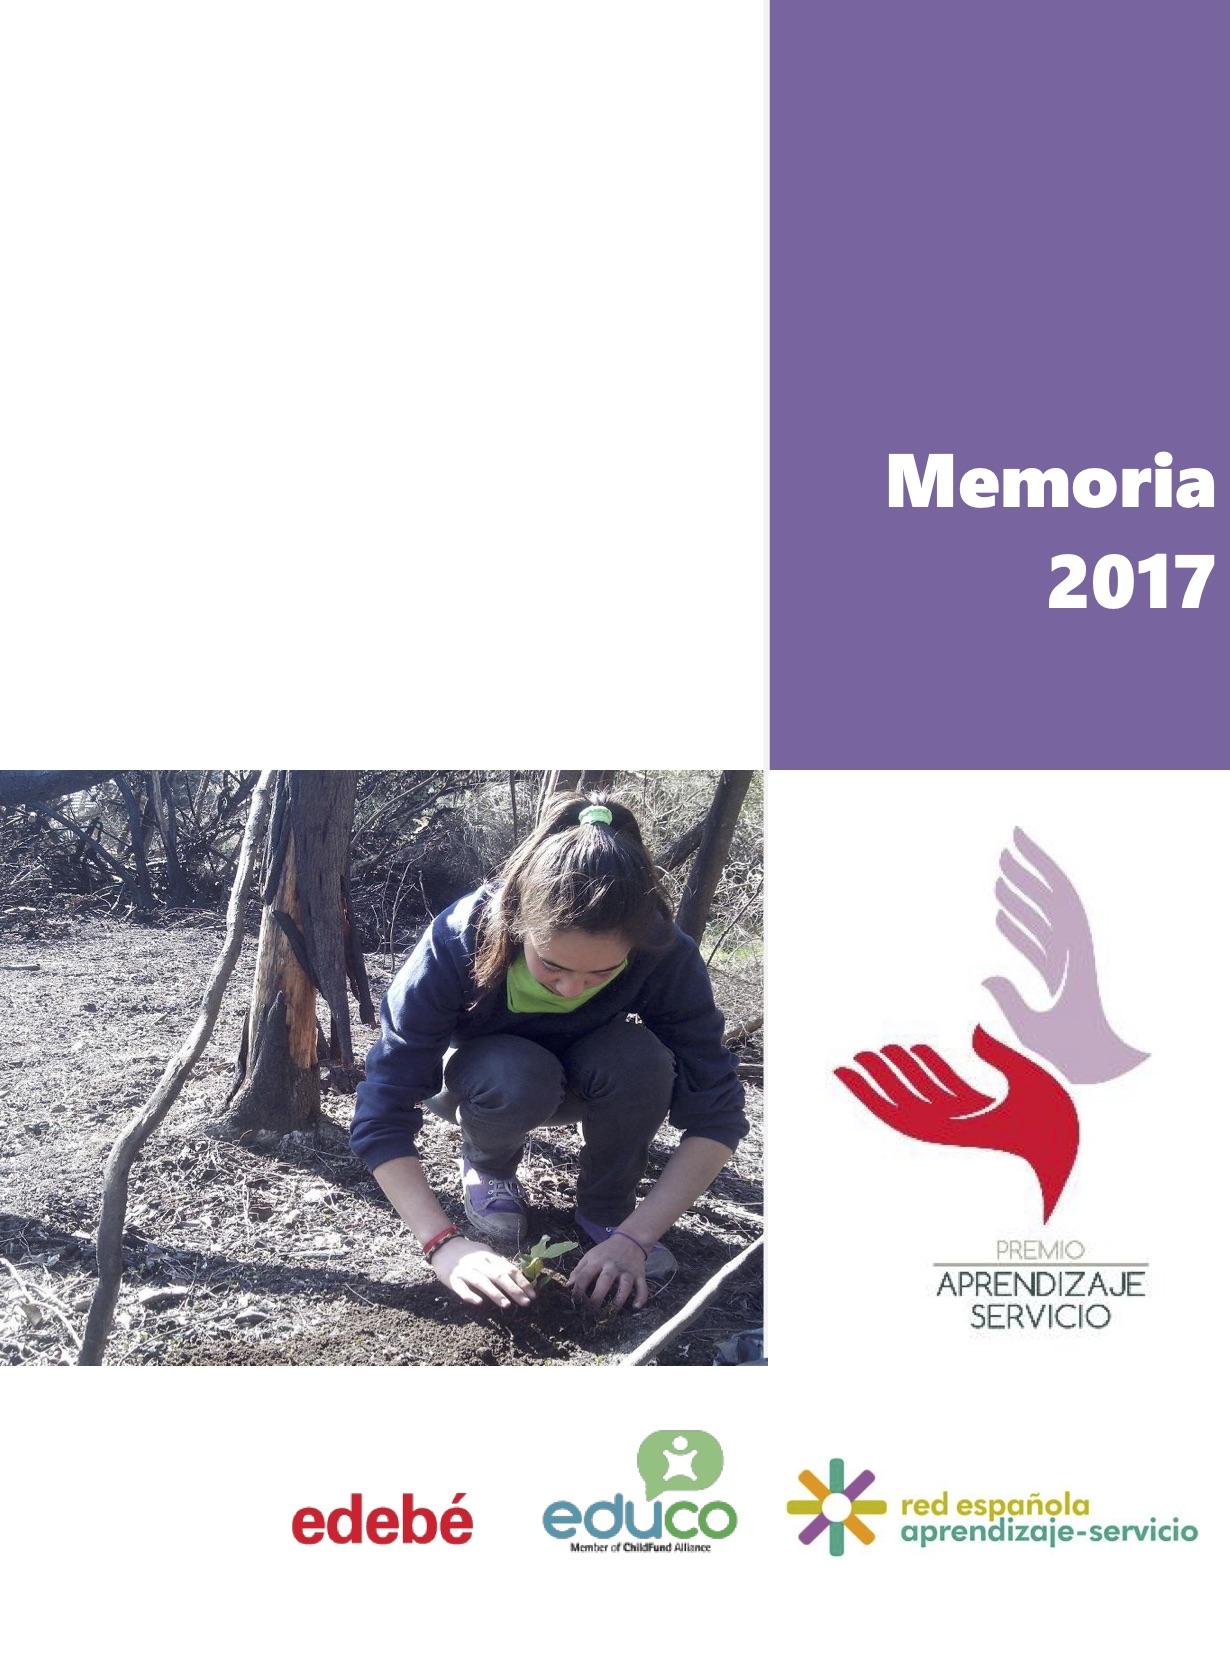 Port Memoria 2017